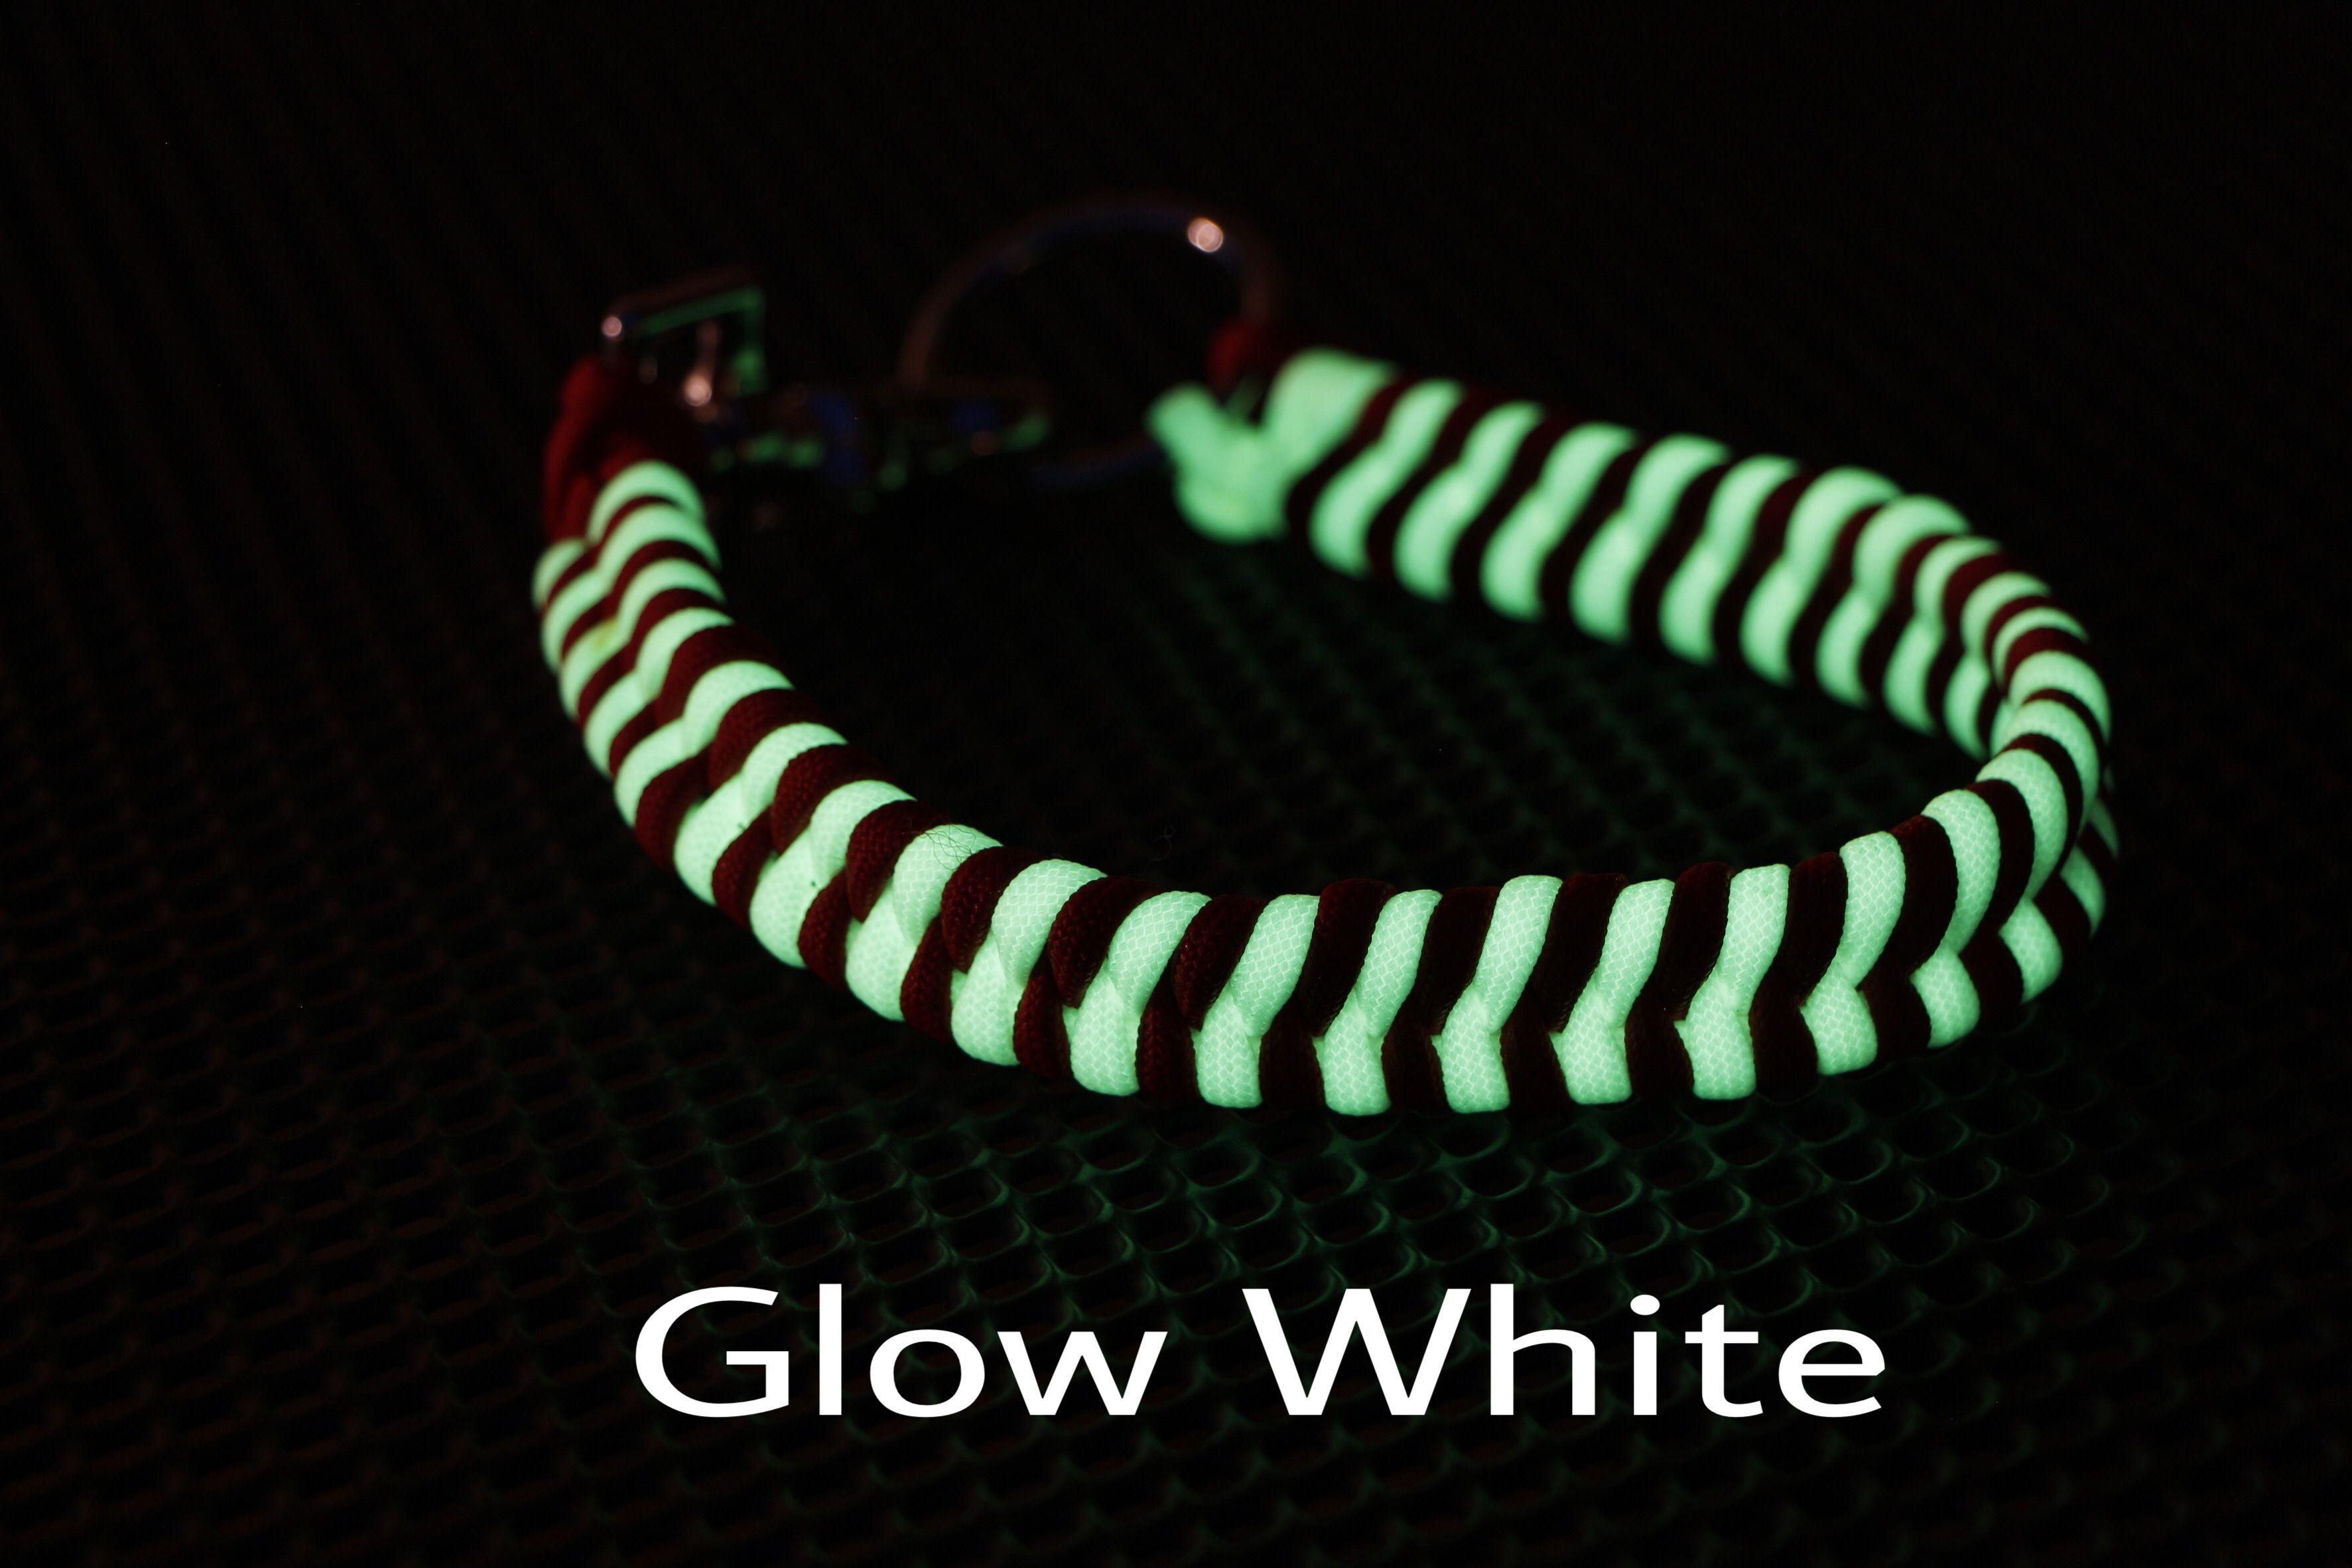 Sicherheit und Stil vereinen mit dem Glow Collar 😍 Durch die fluoreszierenden Eigenschaften werden weder Batterie noch hässliche LEDs benötigt! Einfach das Halsband ausreichend belichten und schon seit ihr auf der sicheren Seite‼️🤓🐶#dogslife #dogsofinsta #platz #sitz #udogspa #udog #udogtraining  #hundetraining #hund🐶 #hunde #welpen #welpenliebe #welpentraining